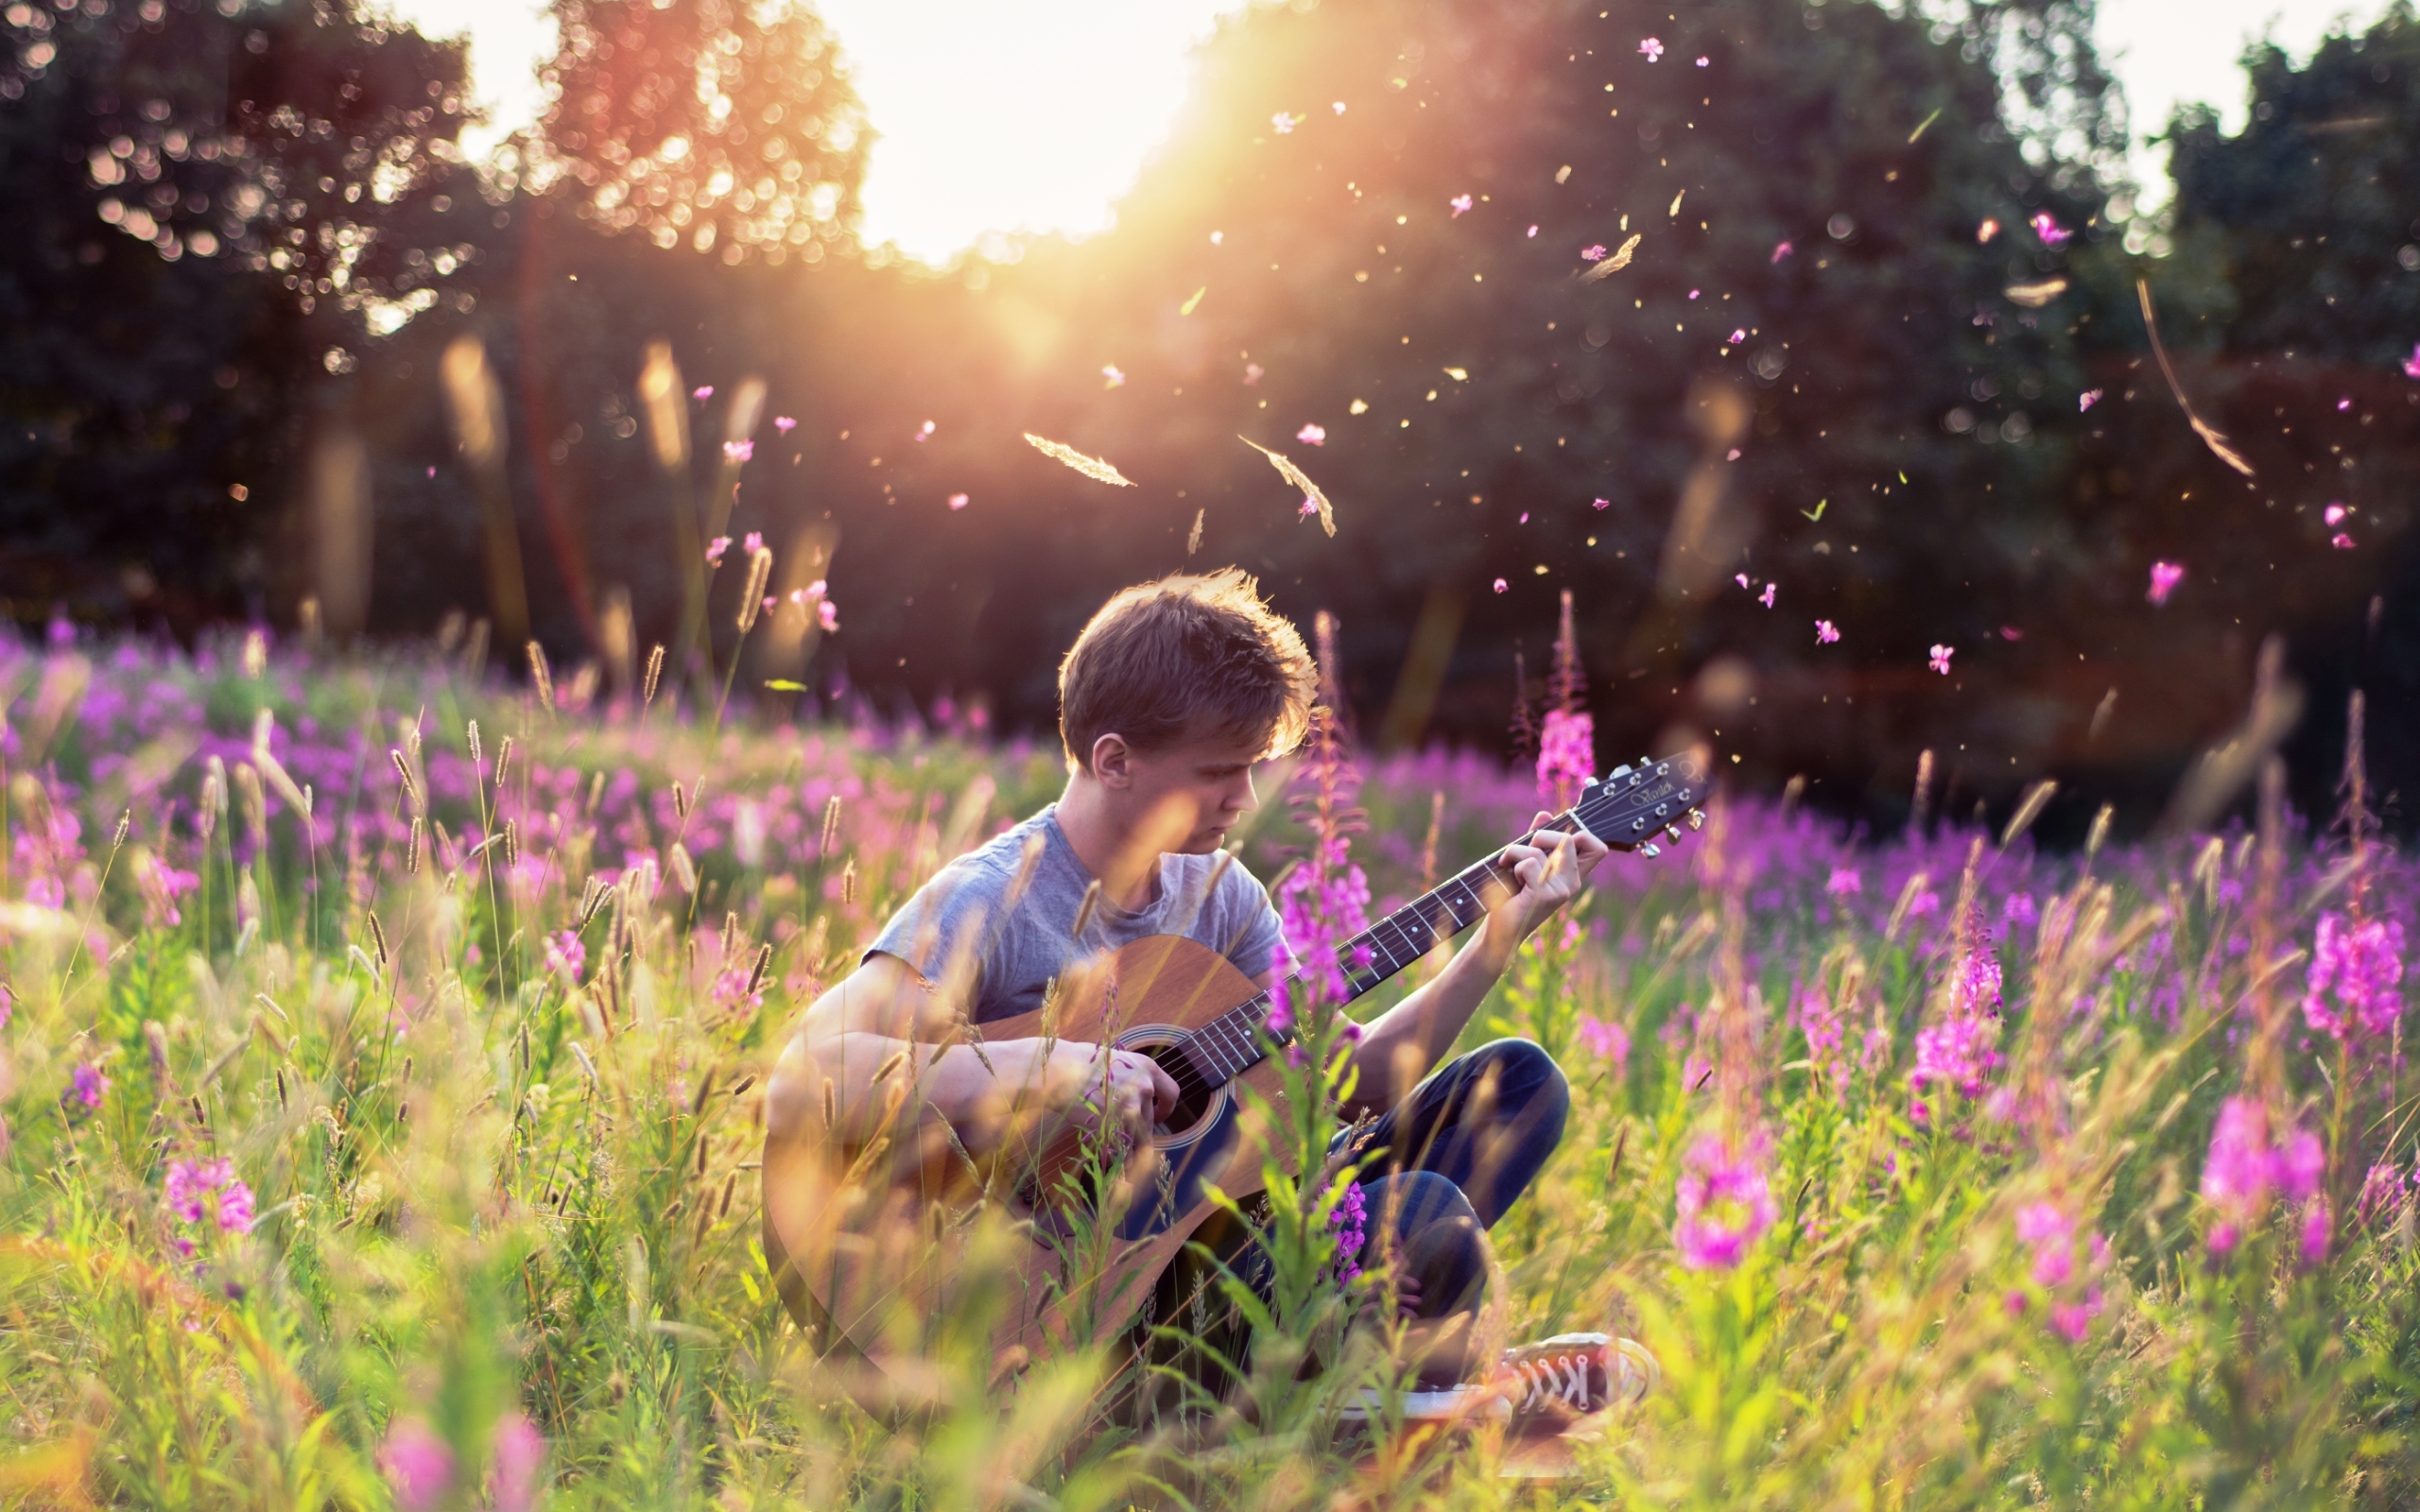 парень гитара мужчина природа дерево  № 3470134 без смс